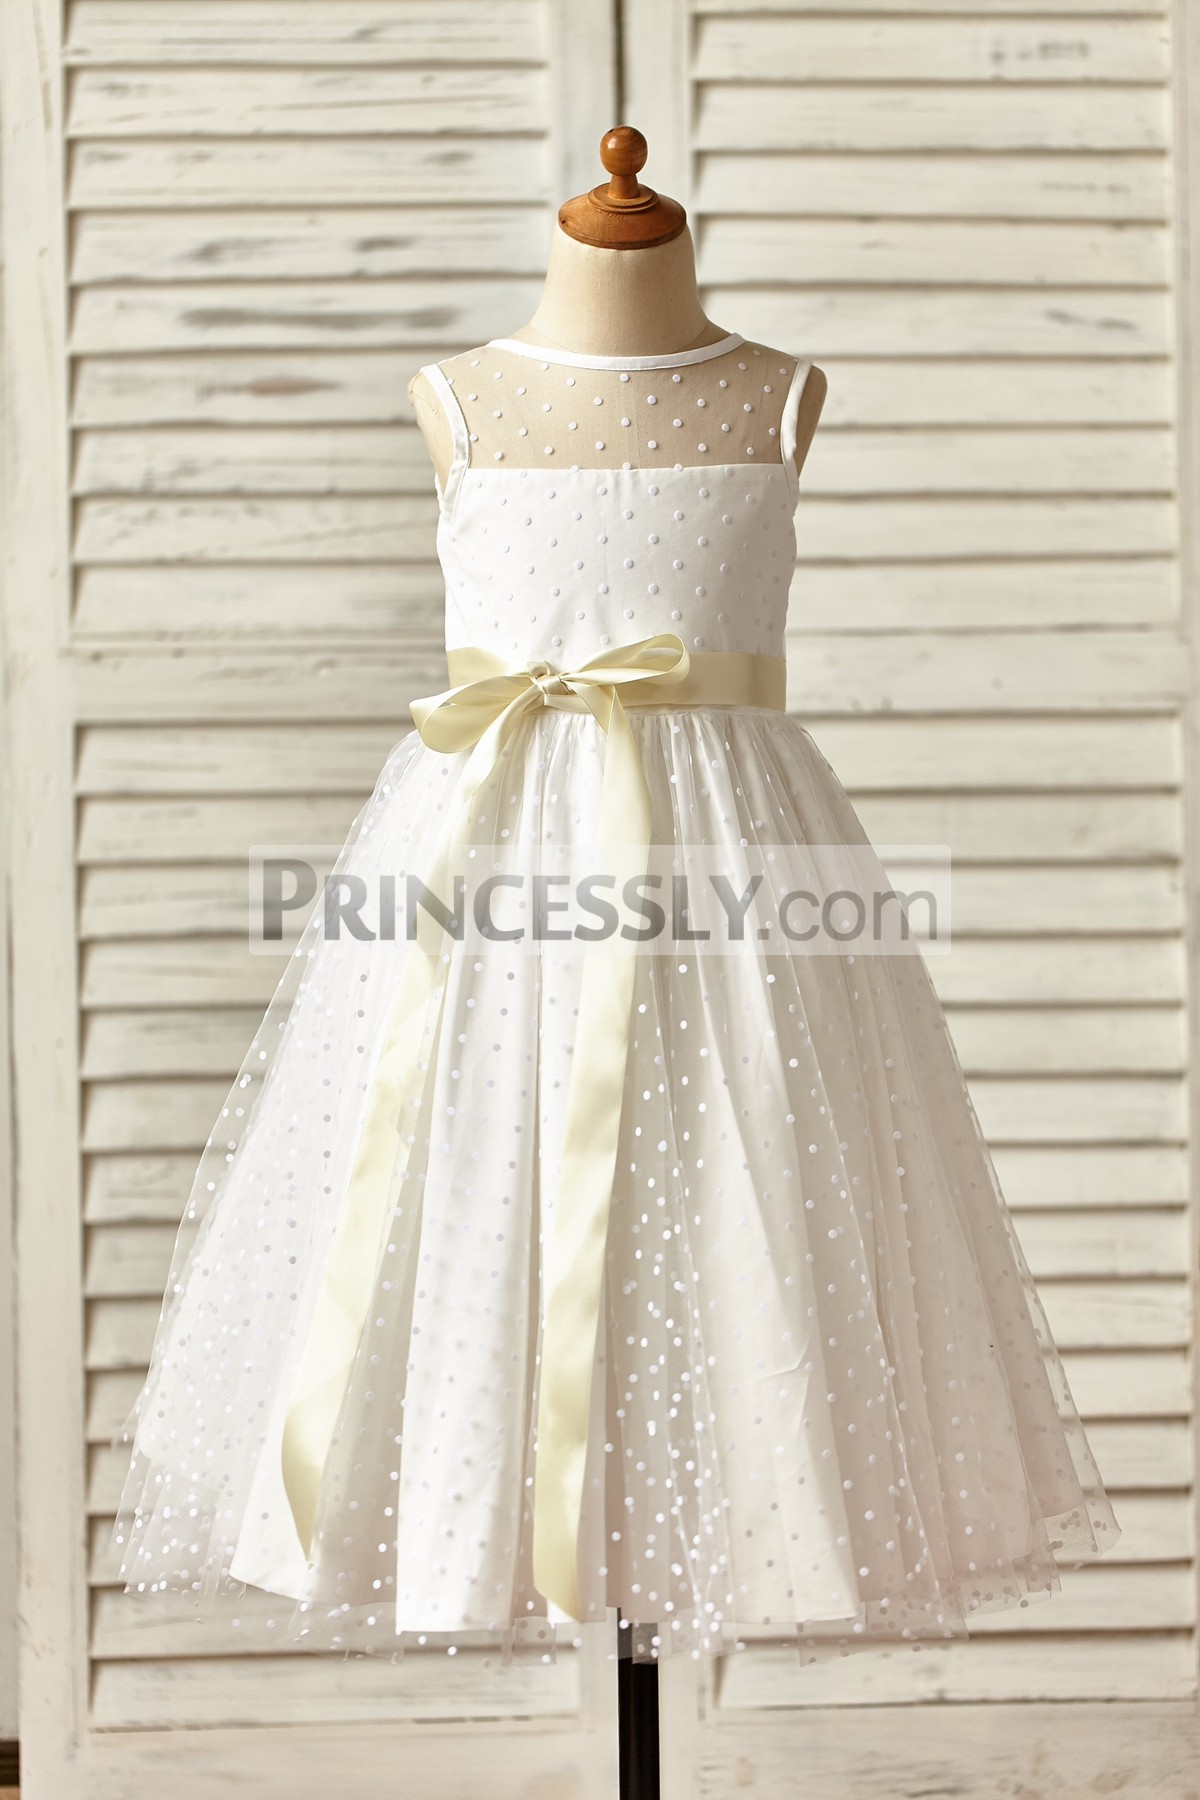 Sheer neck polka dots tulle wedding flower girl dress